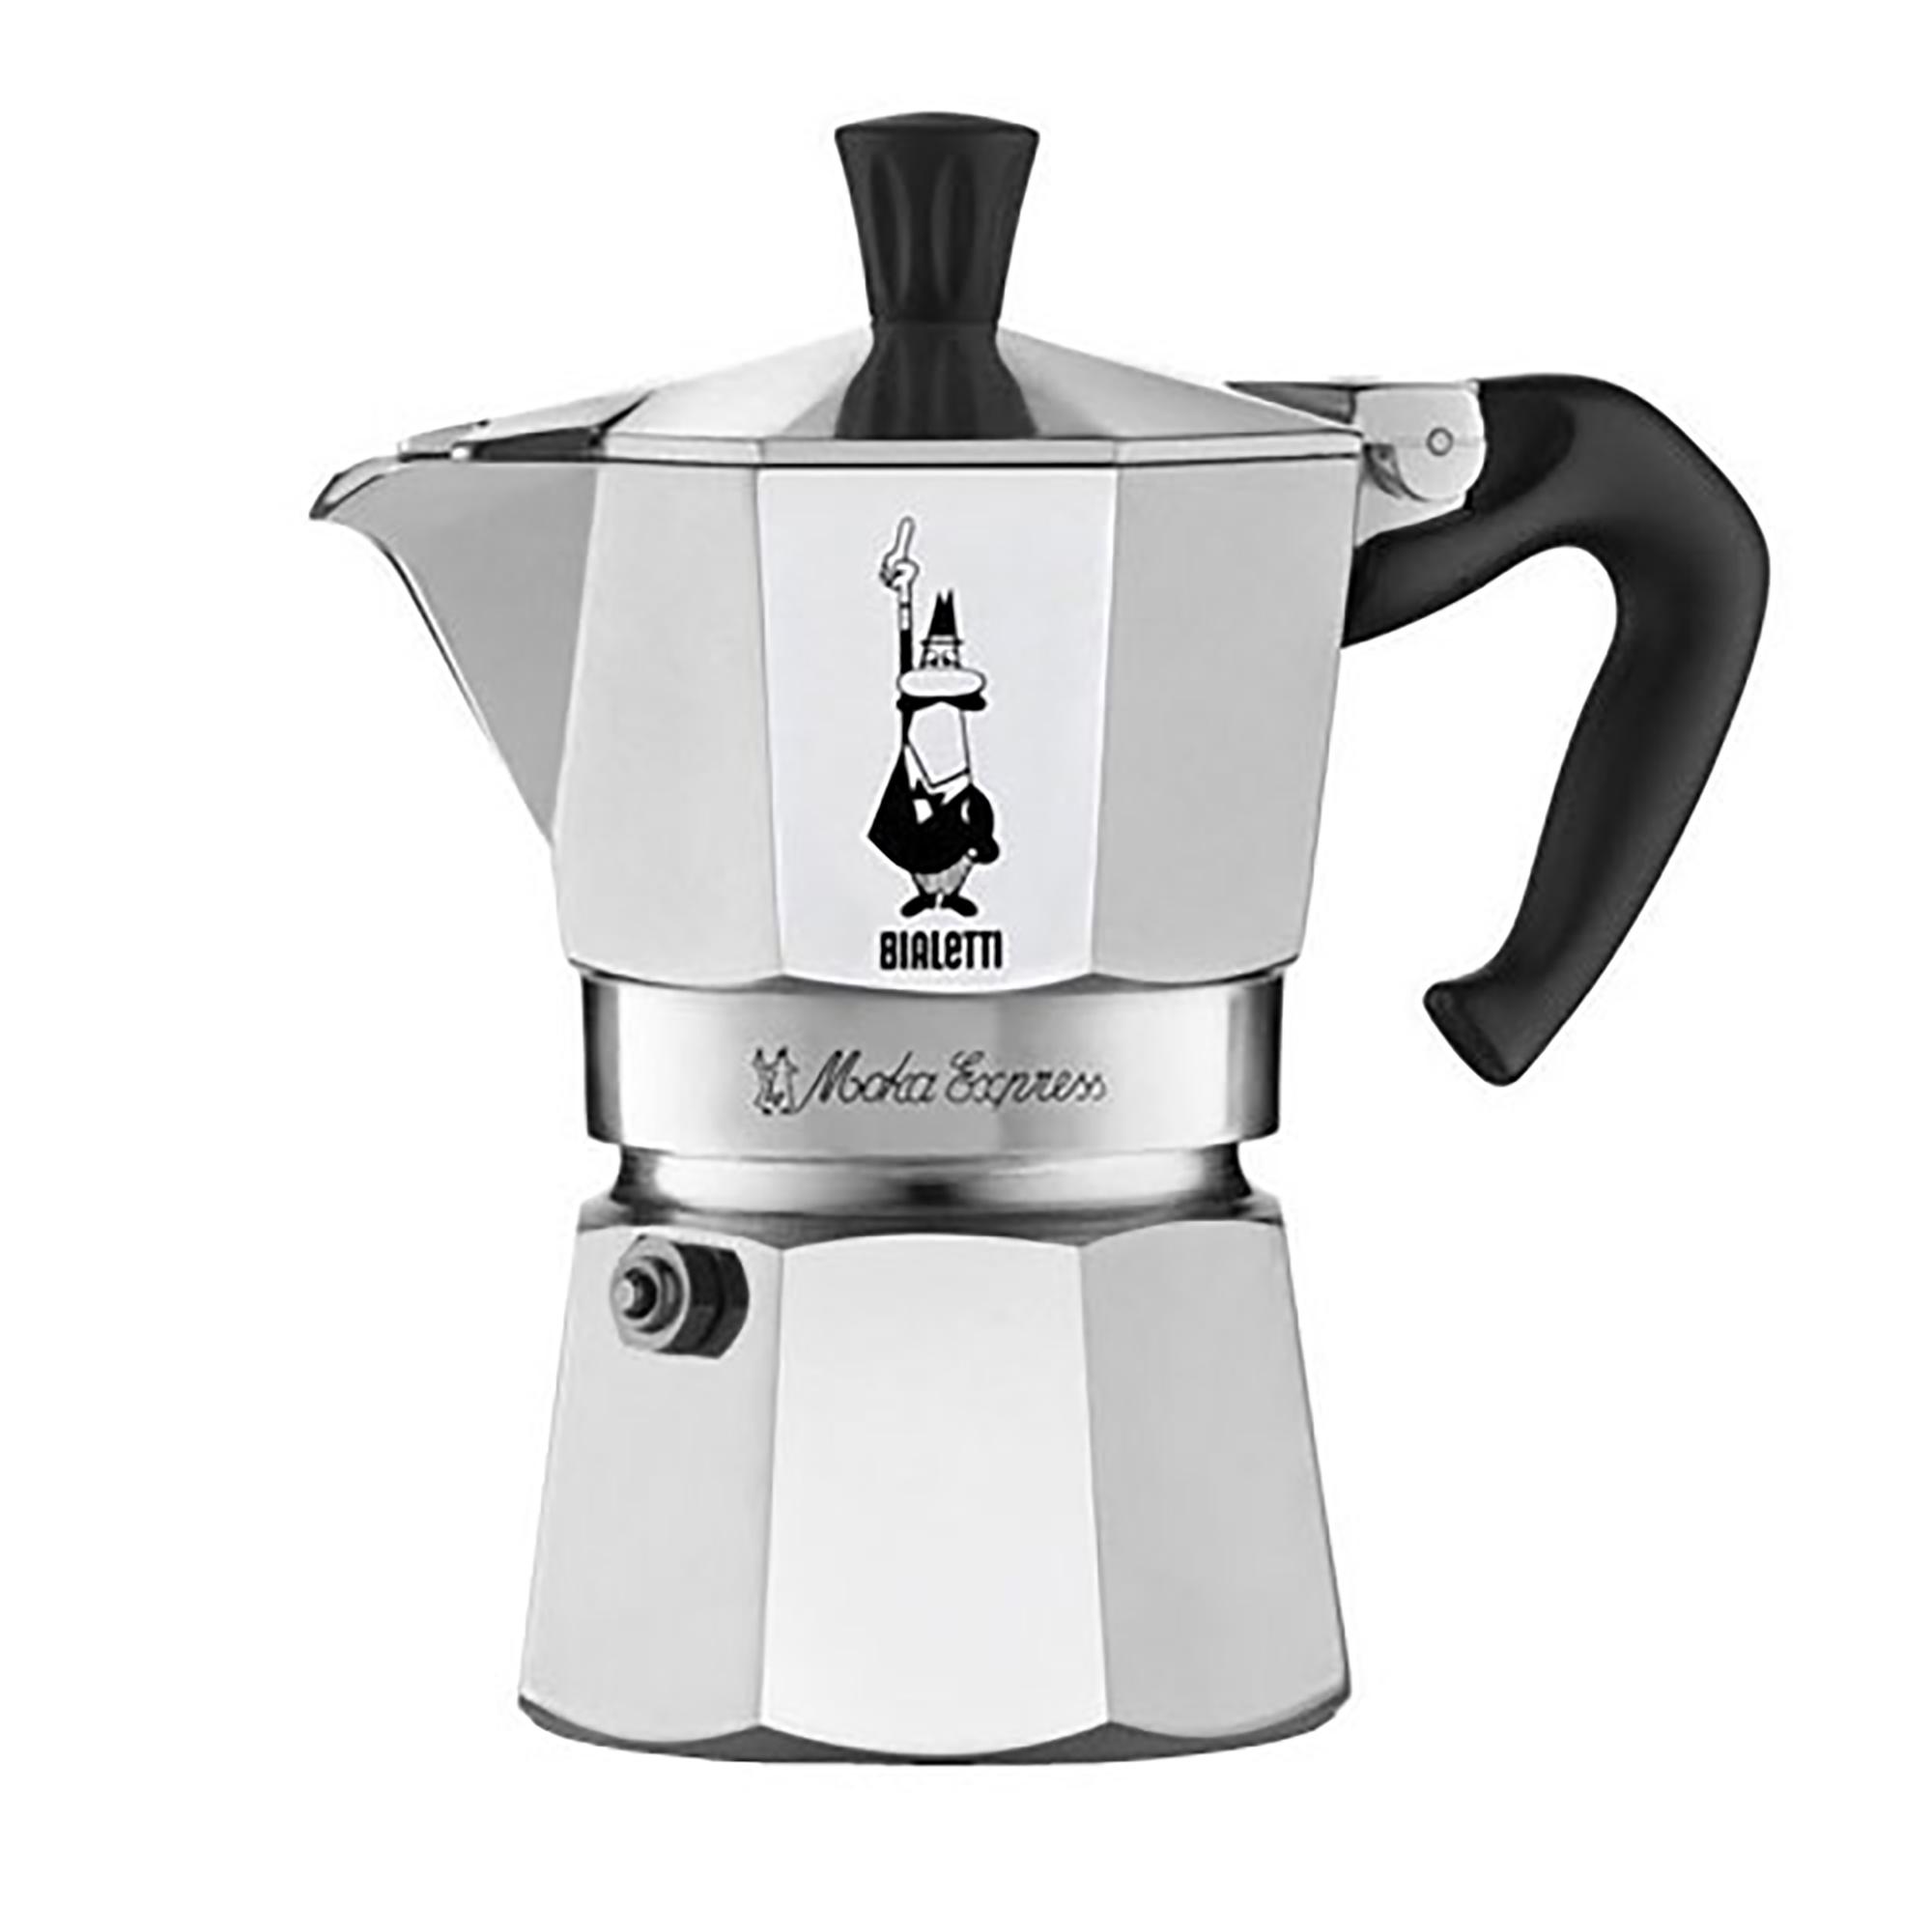 Billede af Moka Express espressokande - 1 kop